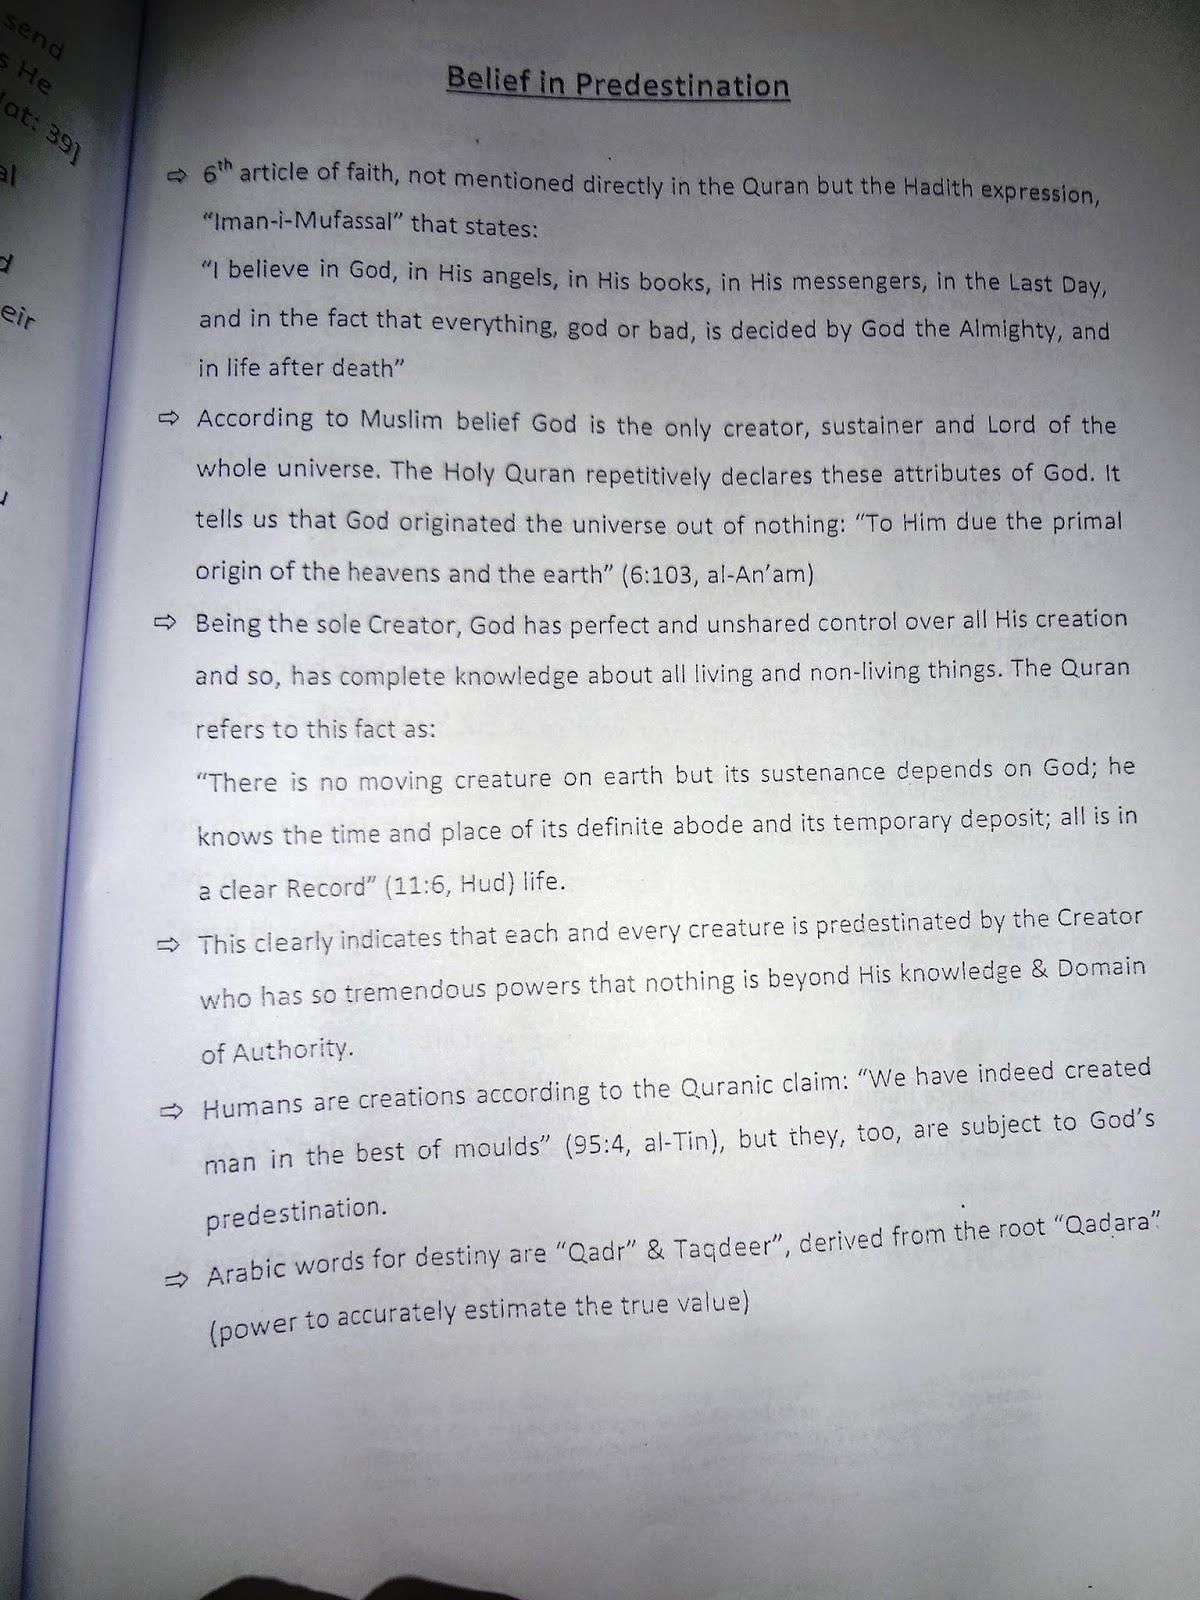 O'level Islamiyat: Articles of Faith